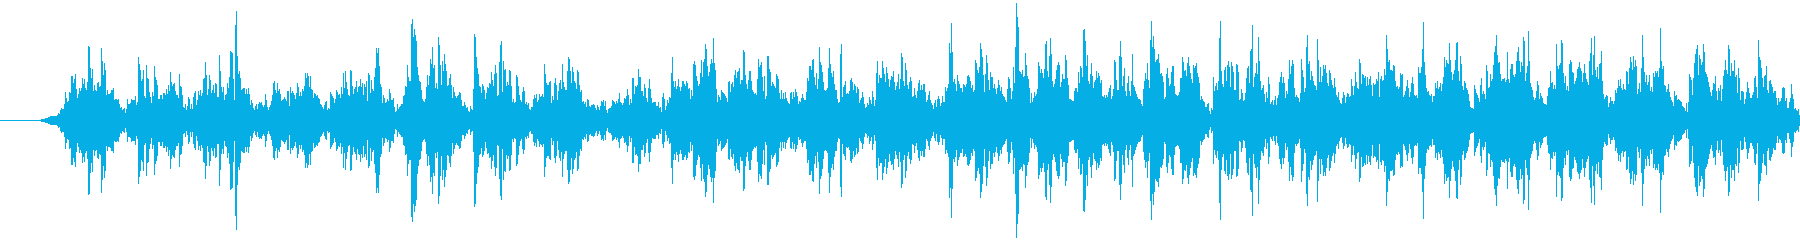 神楽鈴 巫女鈴(連続 シャンシャンシャンの再生済みの波形